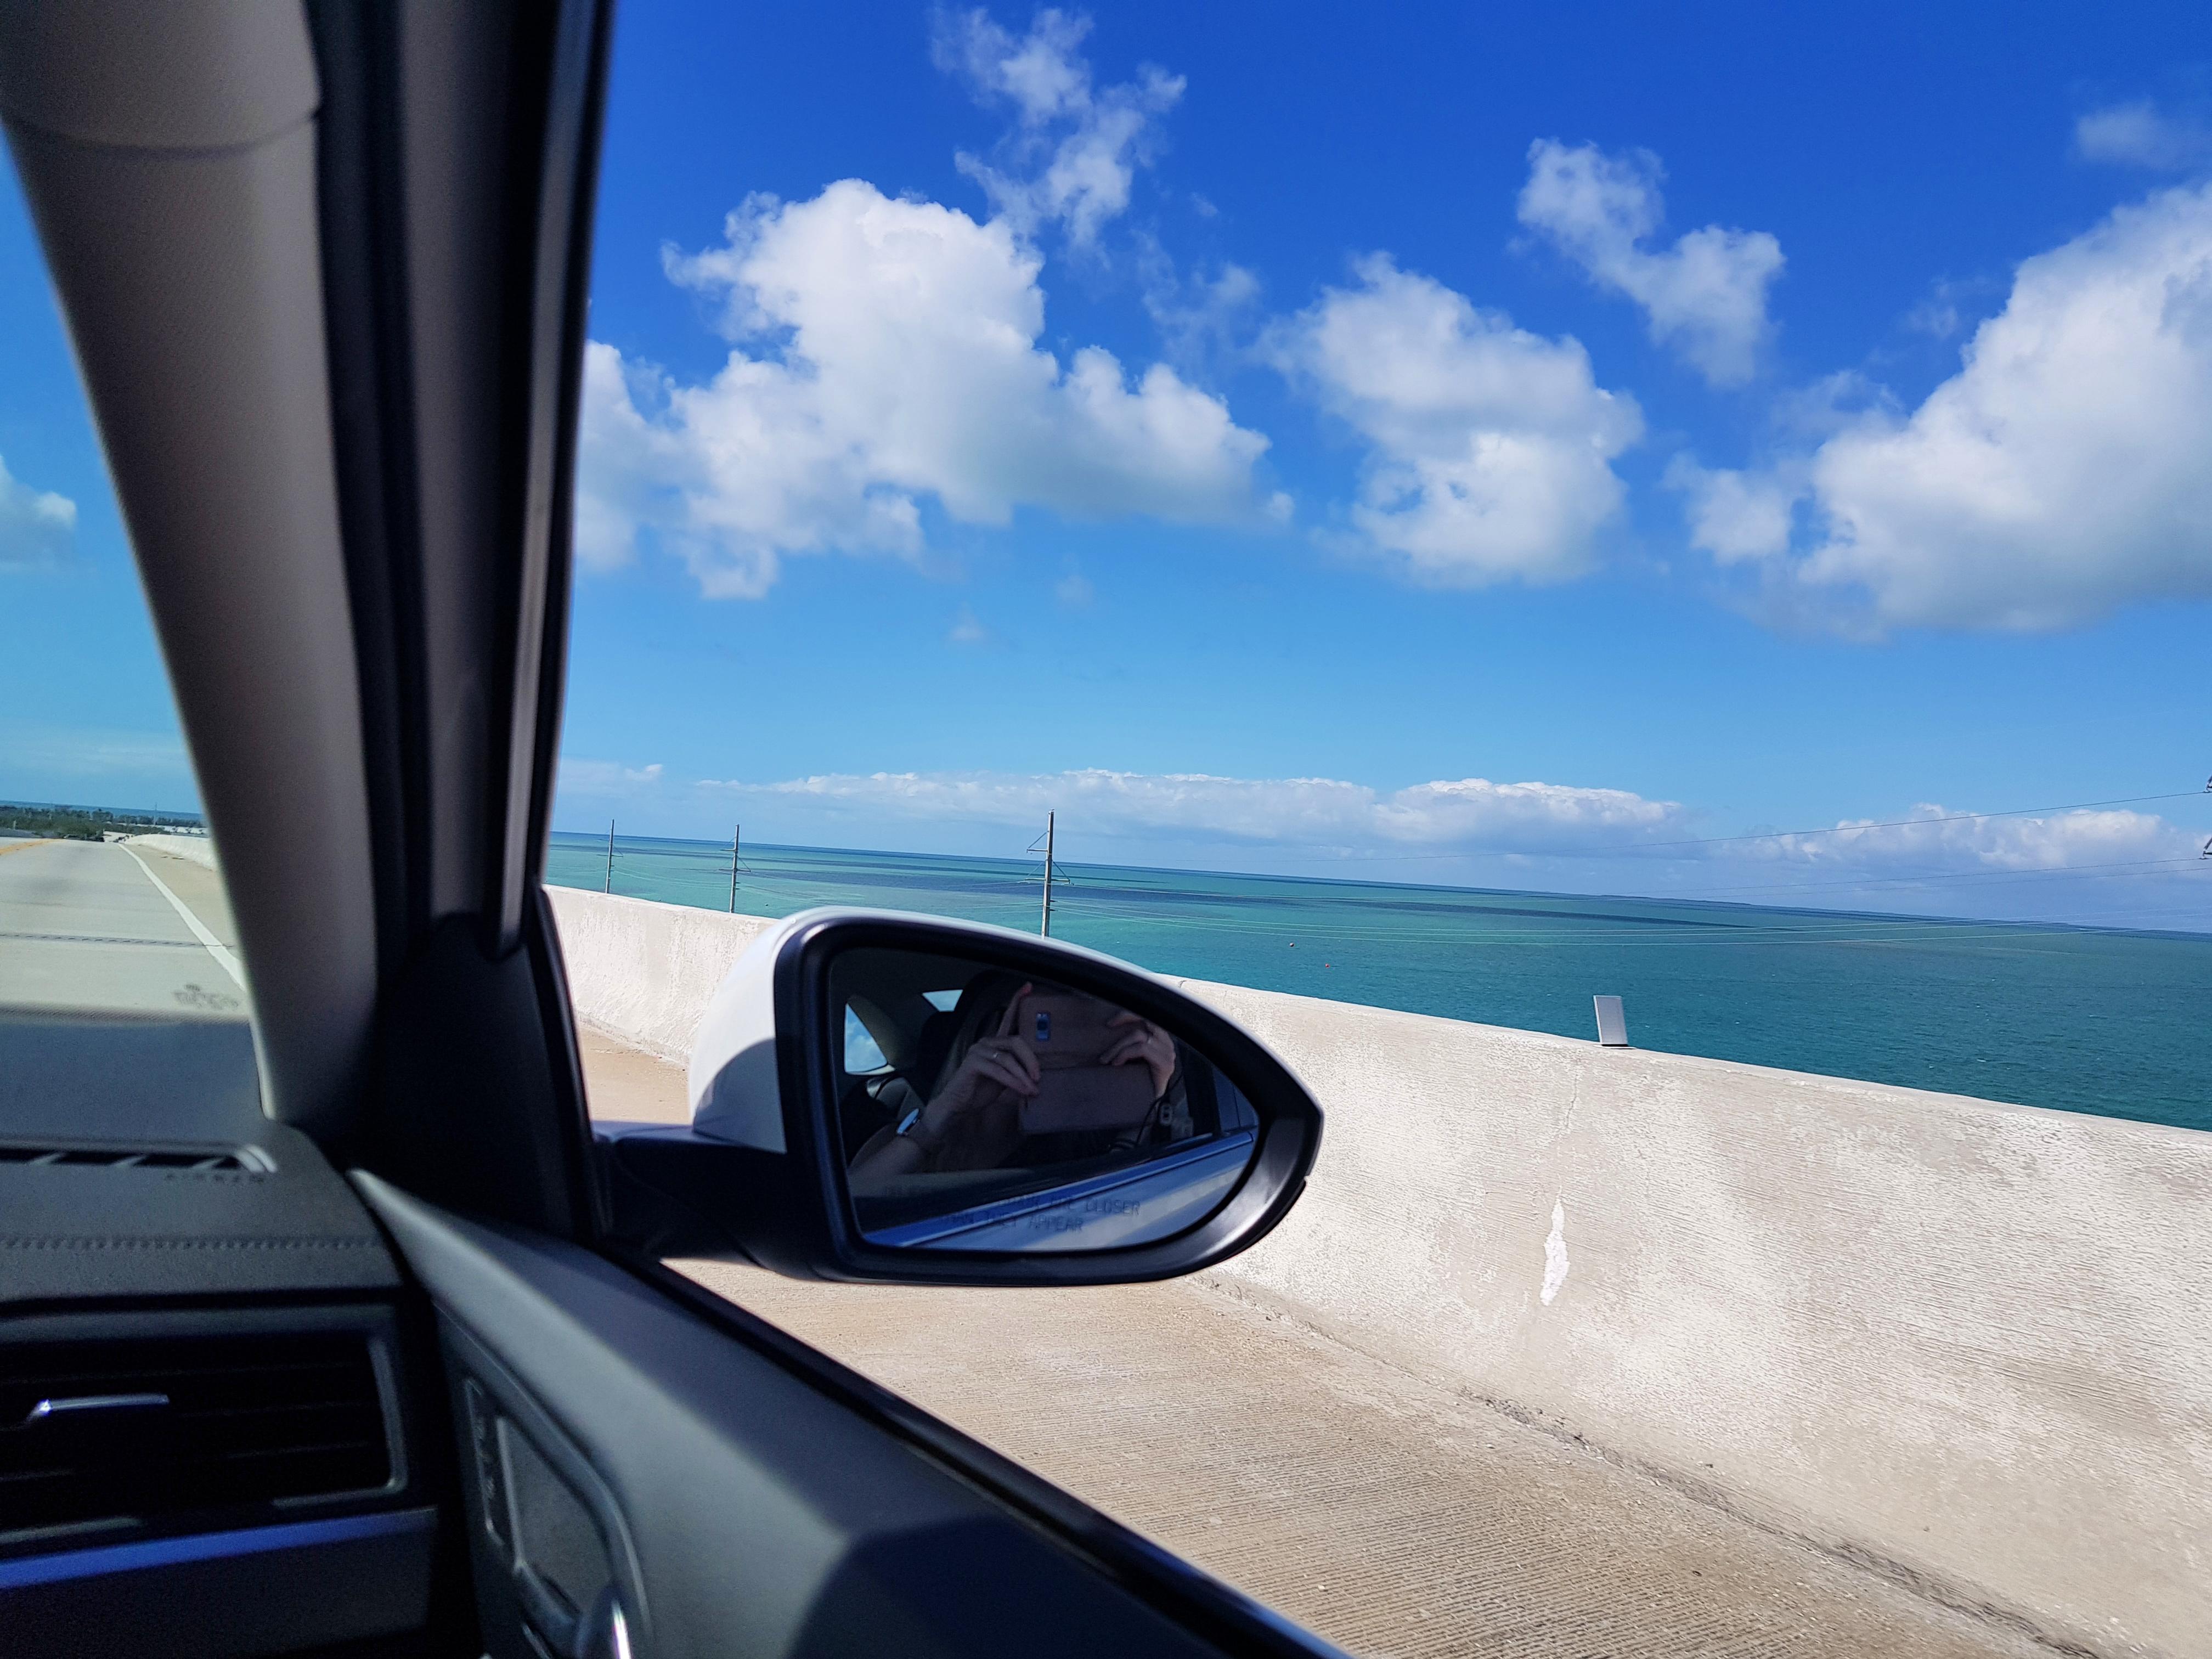 roadtrip florida keys reisblog